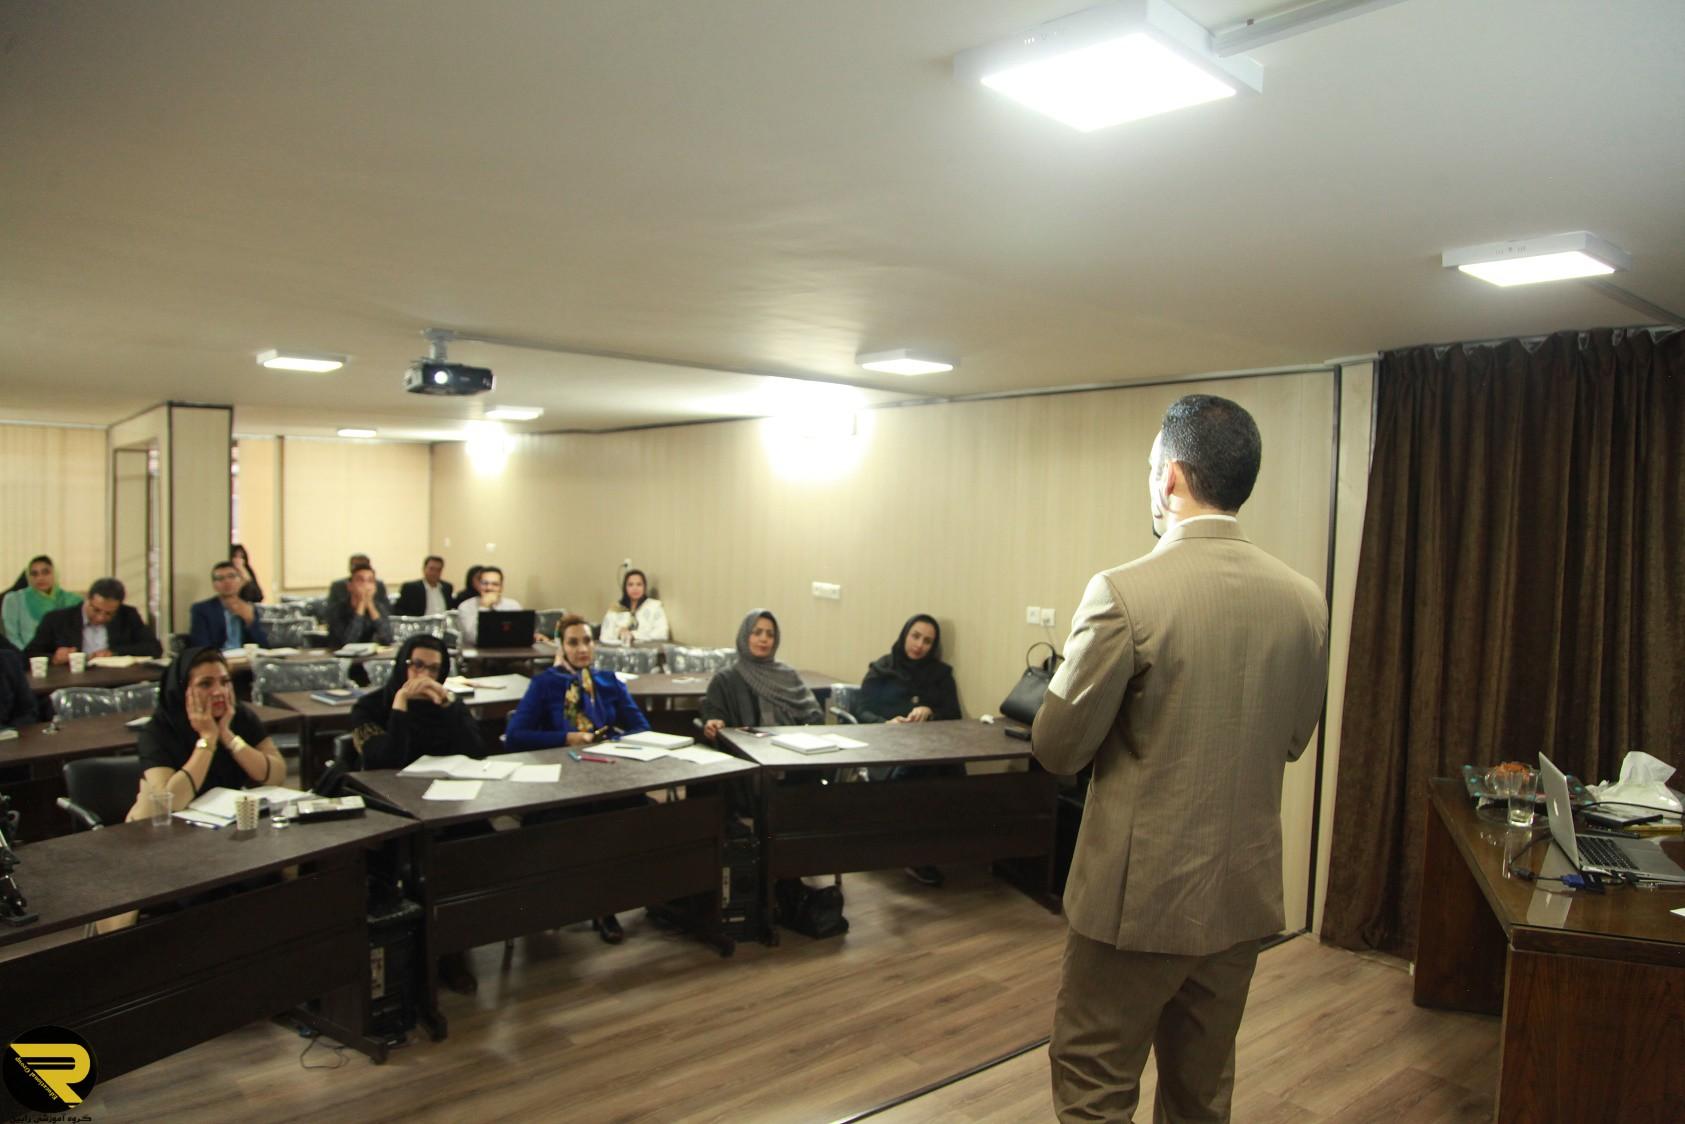 اجاره فضای آموزشی شهر یزد - اجاره کلاس آموزشی شهر یزد - اجاره سالن آموزشی شهر یزد